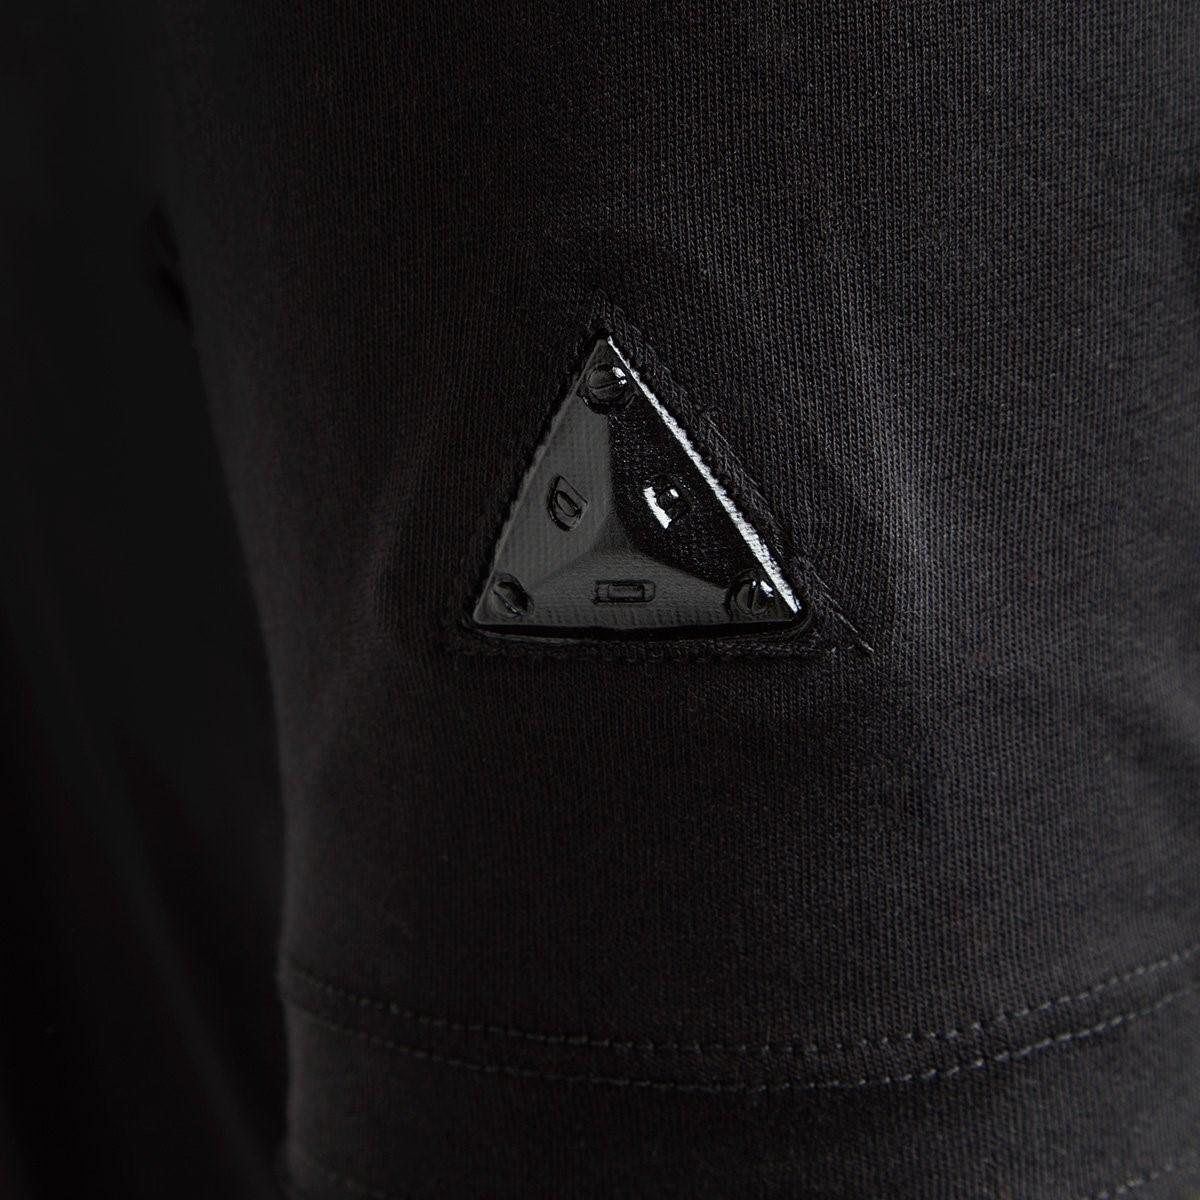 【DUCATI performance】Diesel Shape T恤 - 「Webike-摩托百貨」